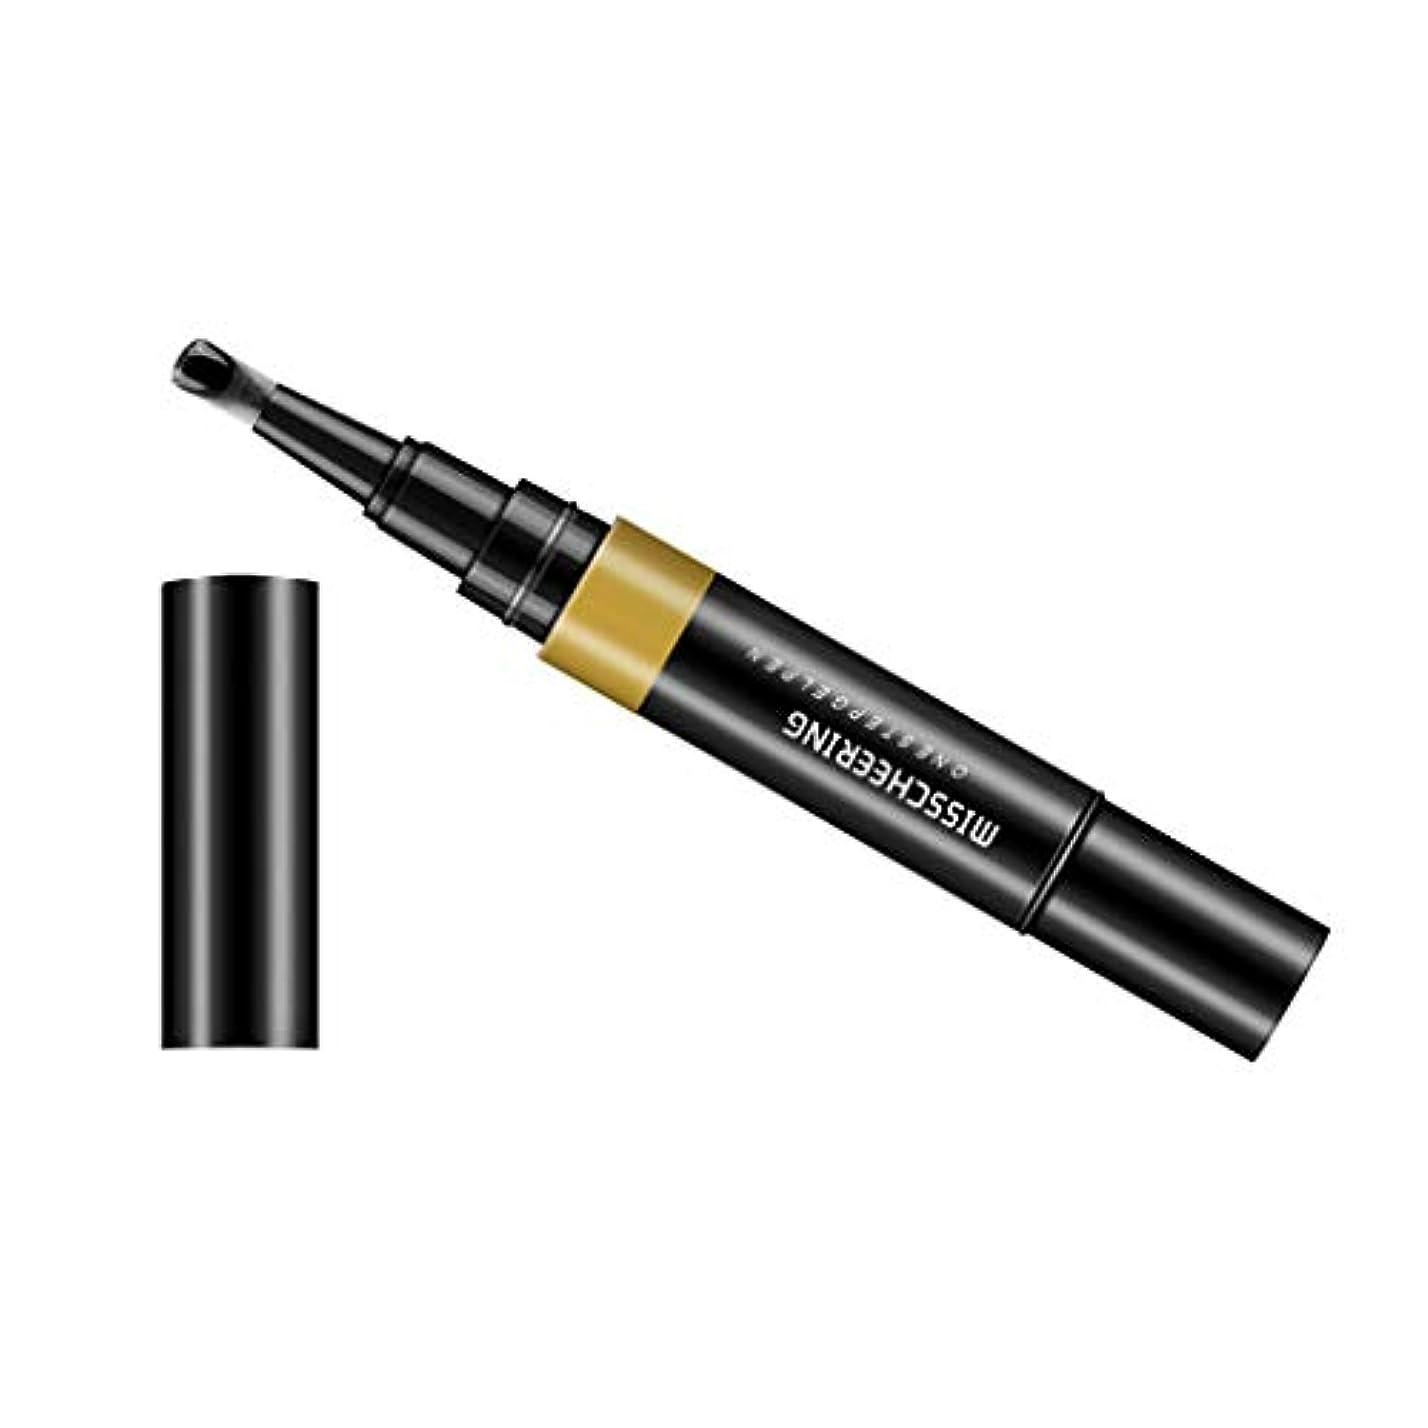 本当のことを言うとチャペル断線Toygogo ジェル マニキュアペン ワニスラッカー ネイルアートペン 3 イン 1 サロン 初心者 セルフネイル DIY - ブラック